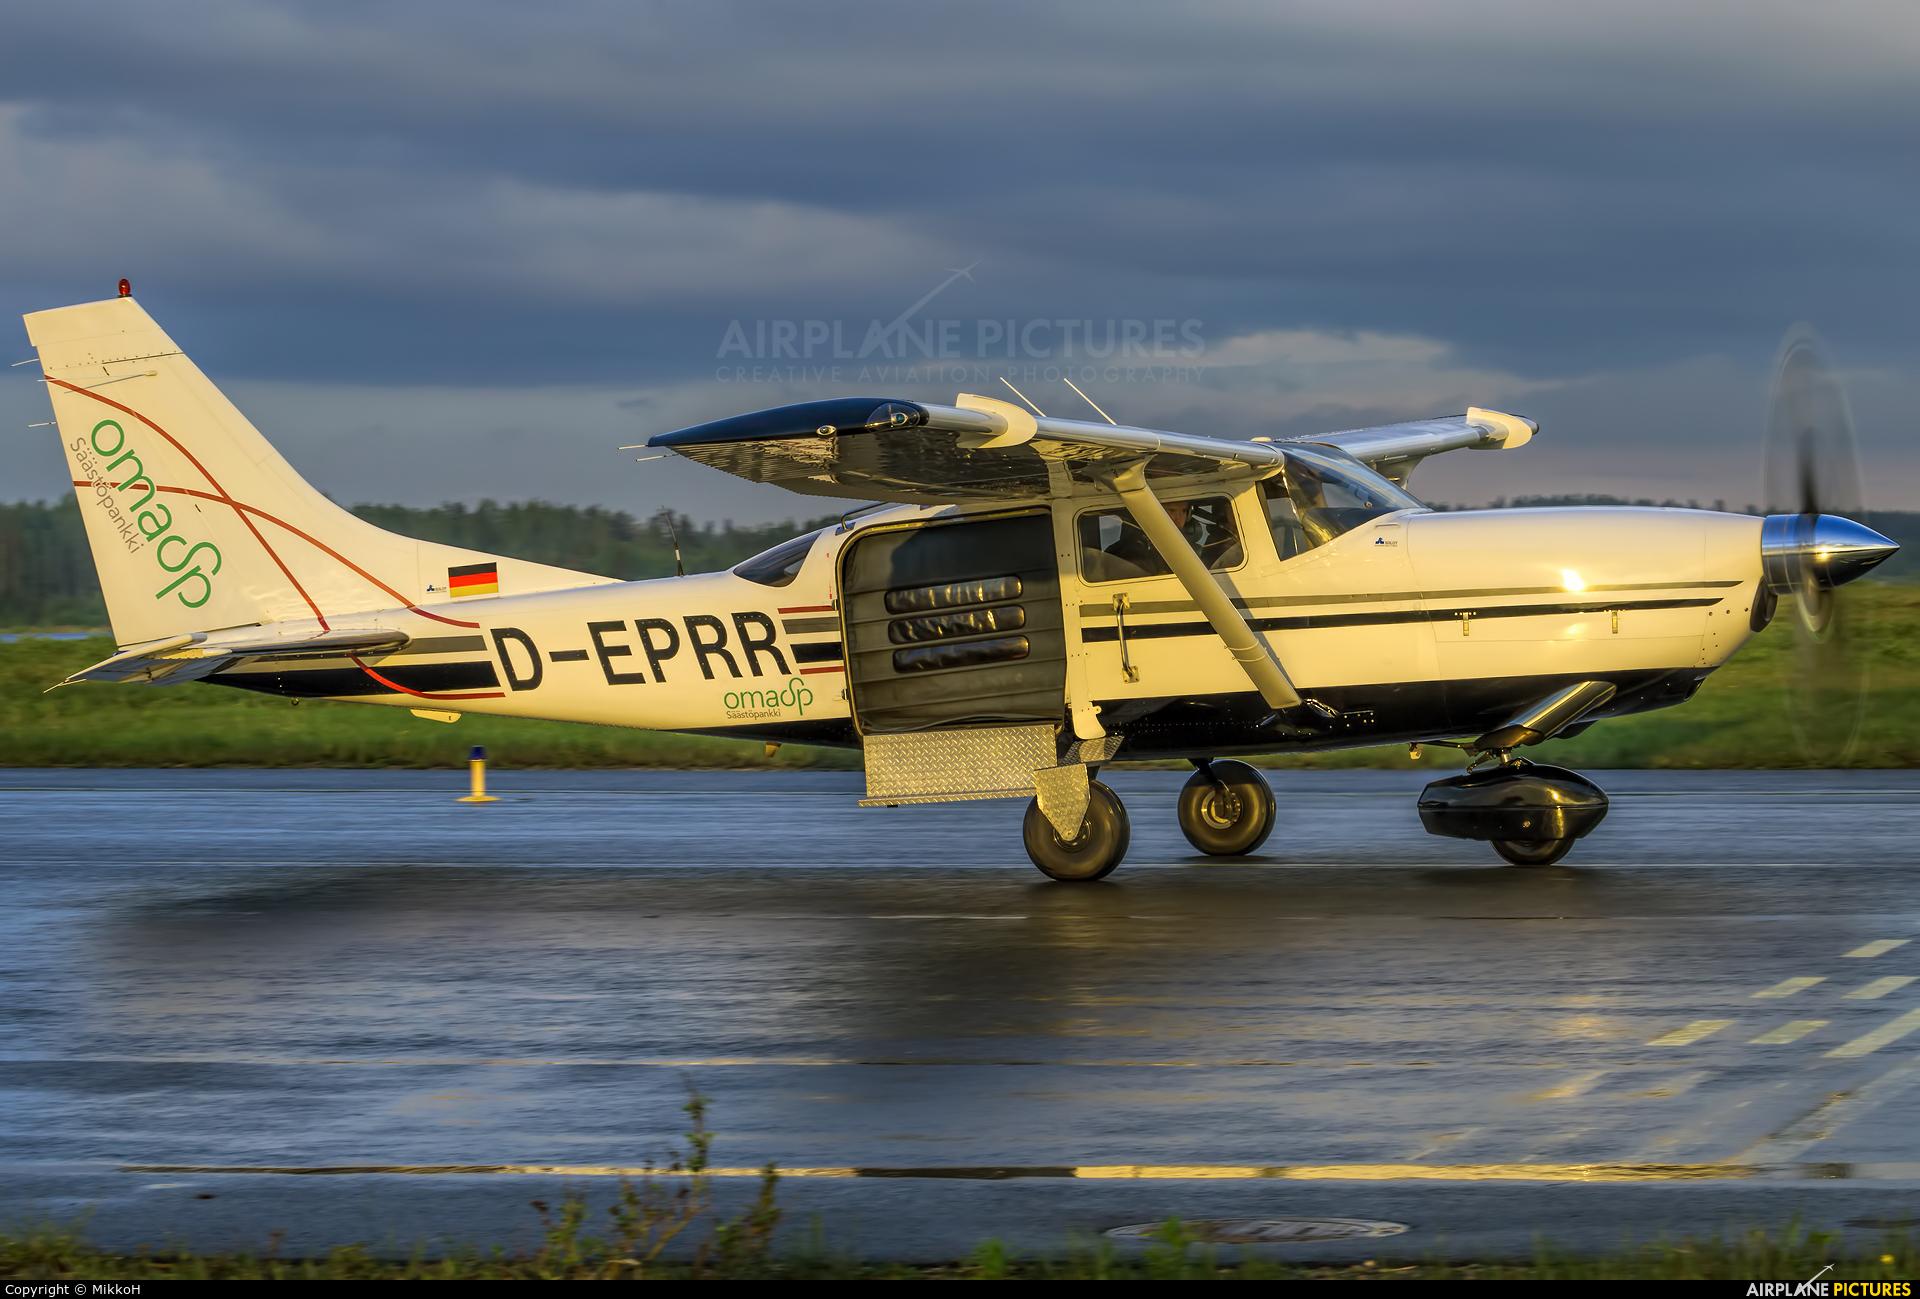 Alavuden Ilmailukerho D-EPRR aircraft at Seinäjoki Airport